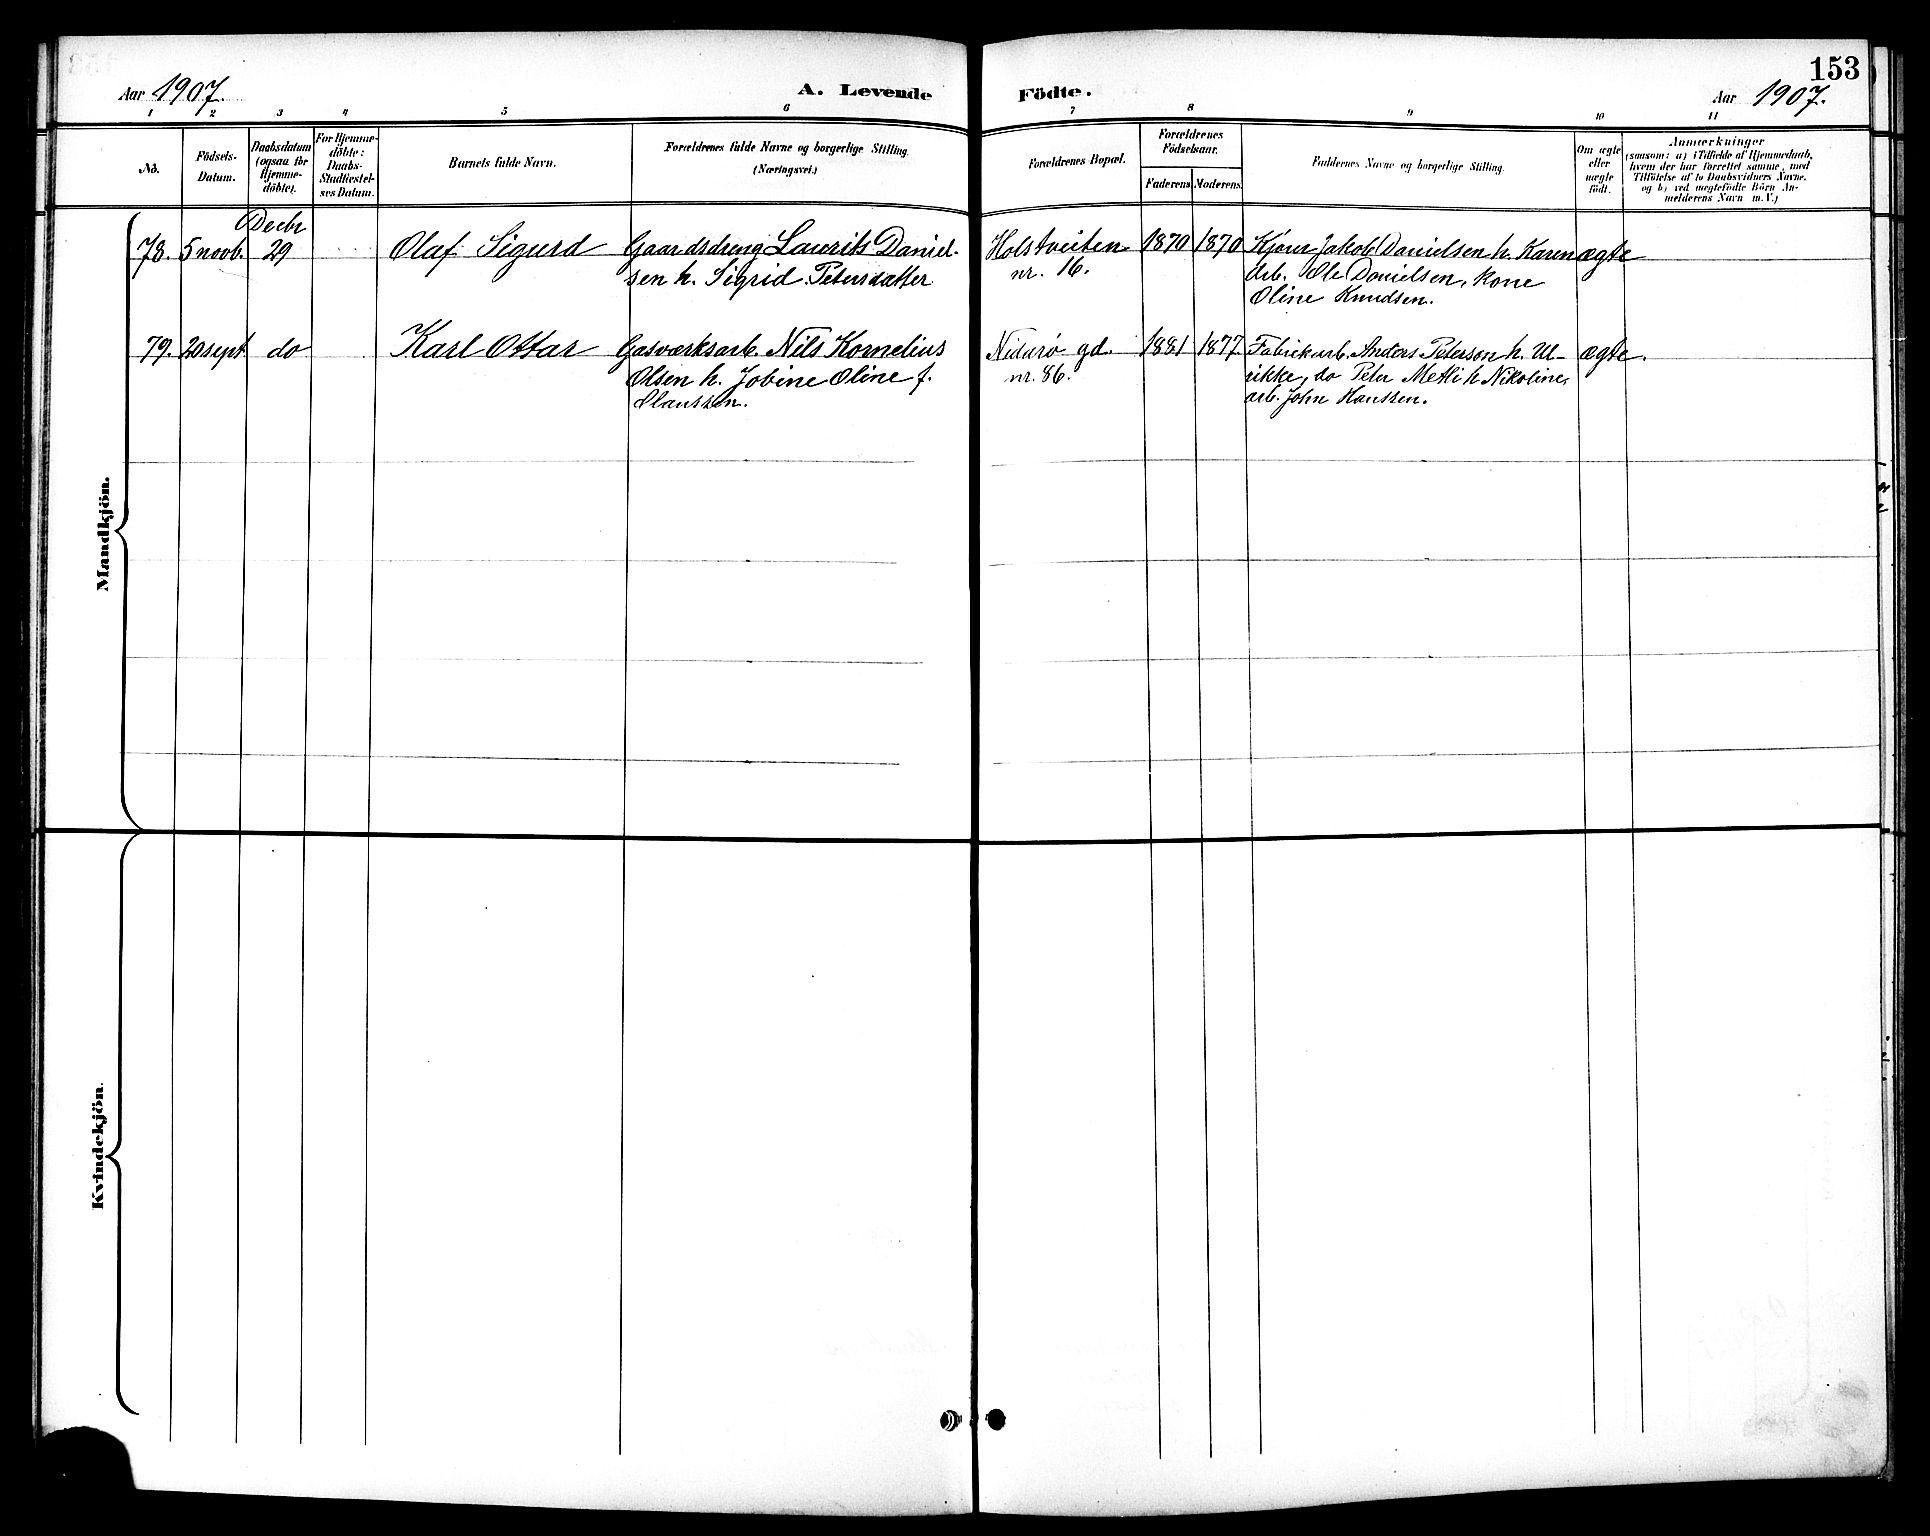 SAT, Ministerialprotokoller, klokkerbøker og fødselsregistre - Sør-Trøndelag, 601/L0094: Klokkerbok nr. 601C12, 1898-1911, s. 153